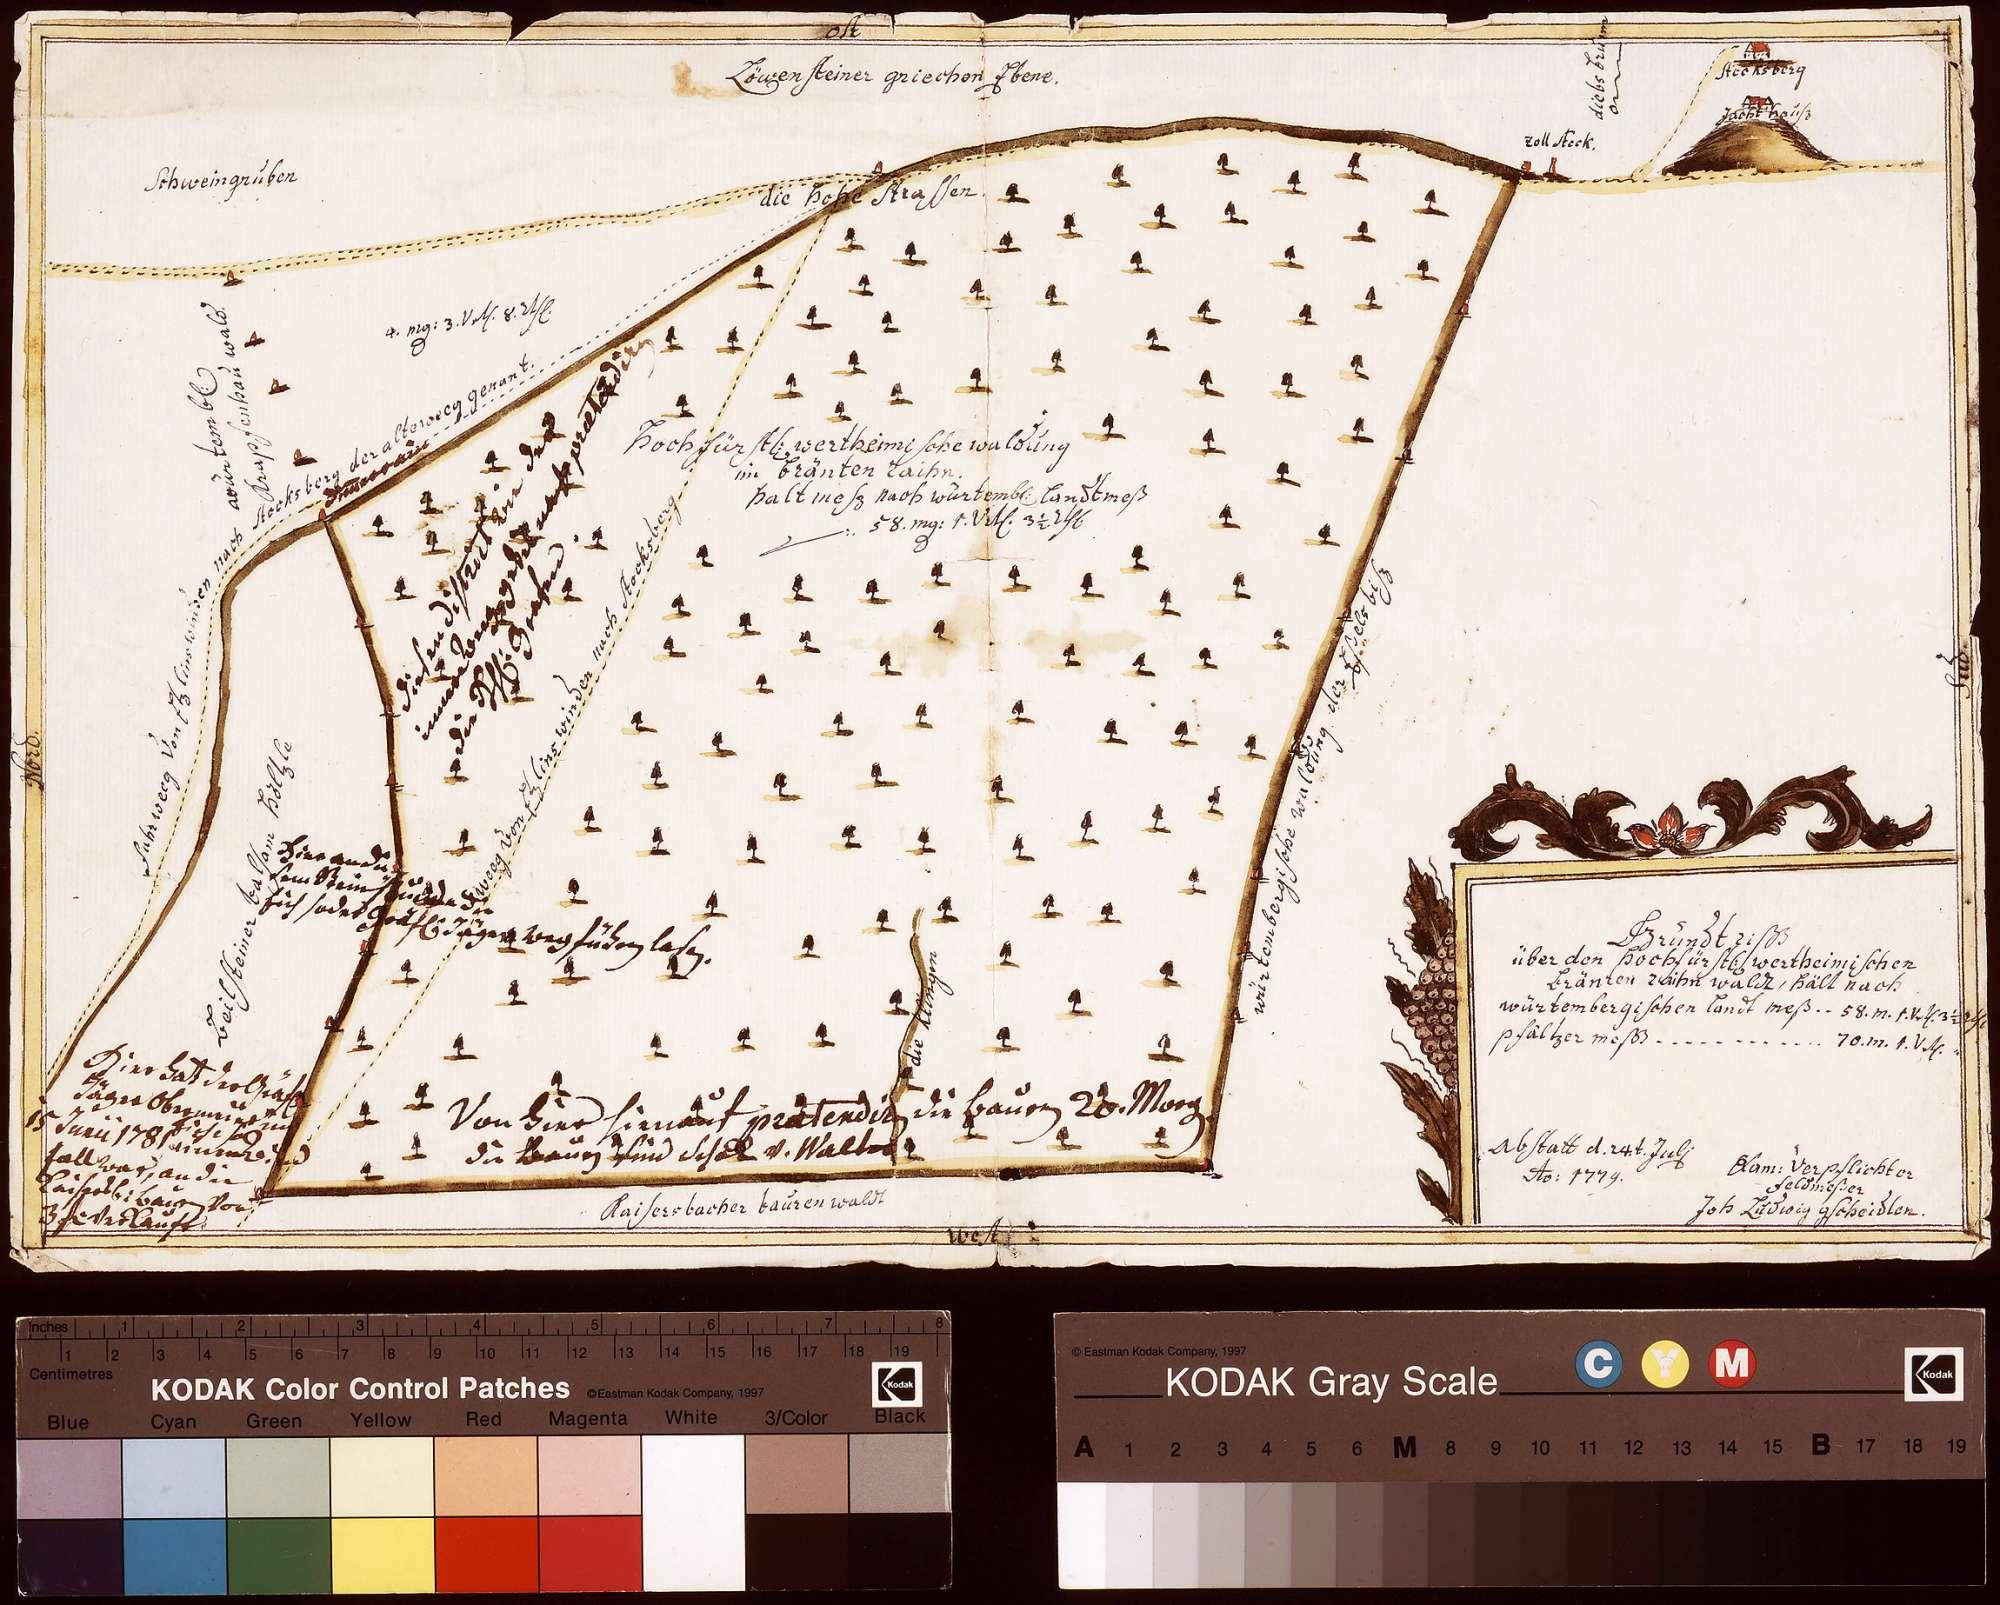 Grundriss über den Branntenrainwald (Bräntenraihnwaldt) (Inselkarte), Bild 1